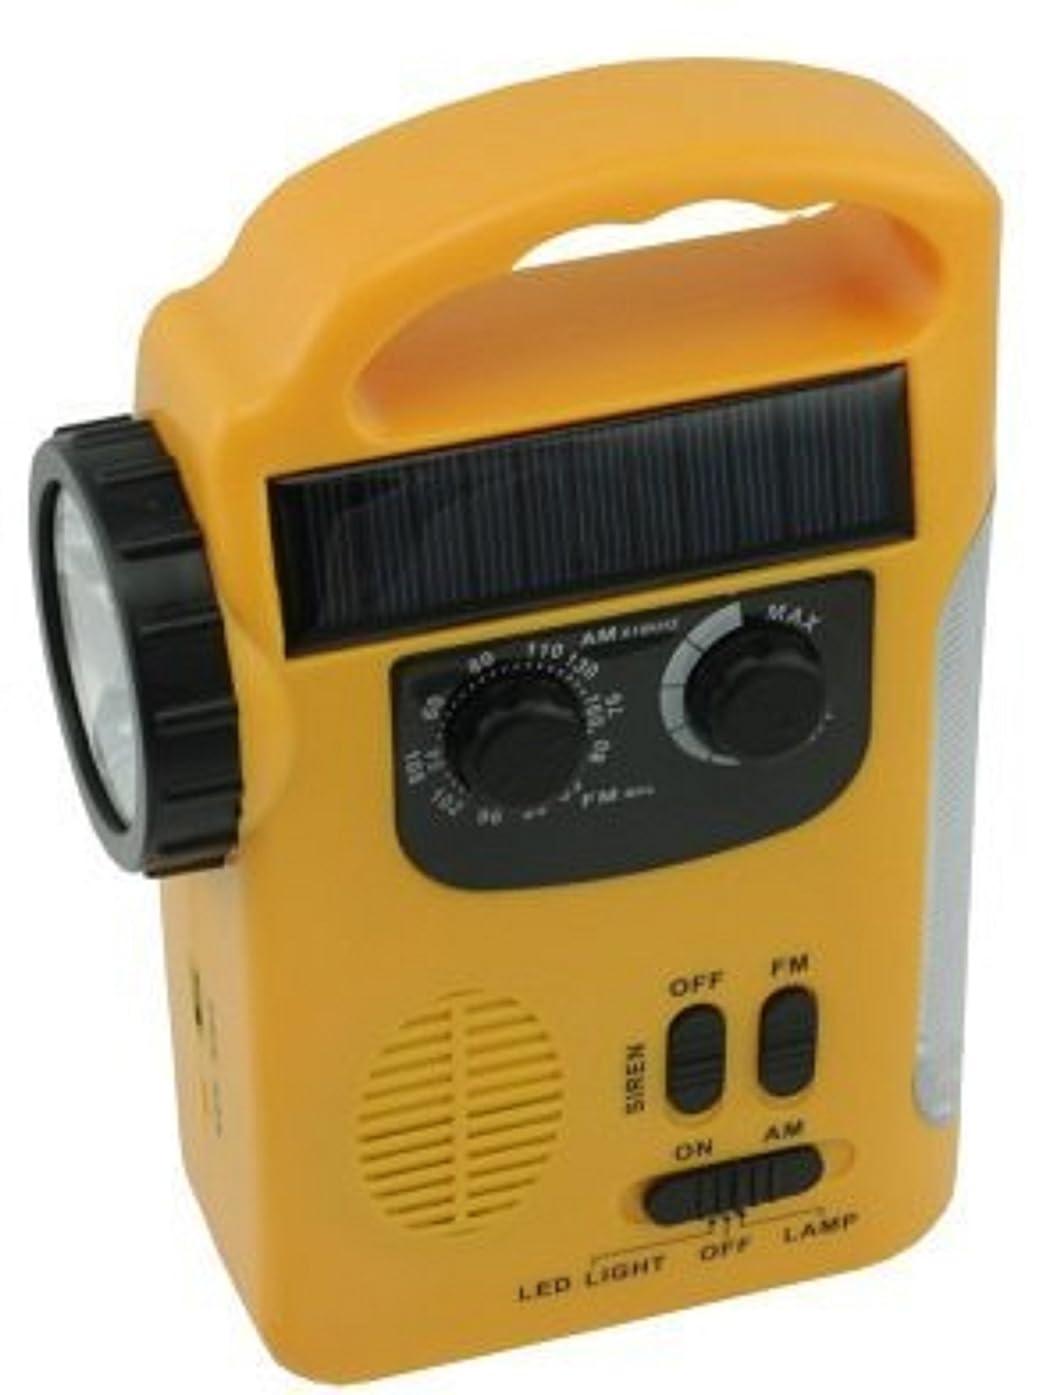 マイナー笑いマッシュ【災害対策】手動充電可能ラジオライトエマージェンシーライト【携帯充電】